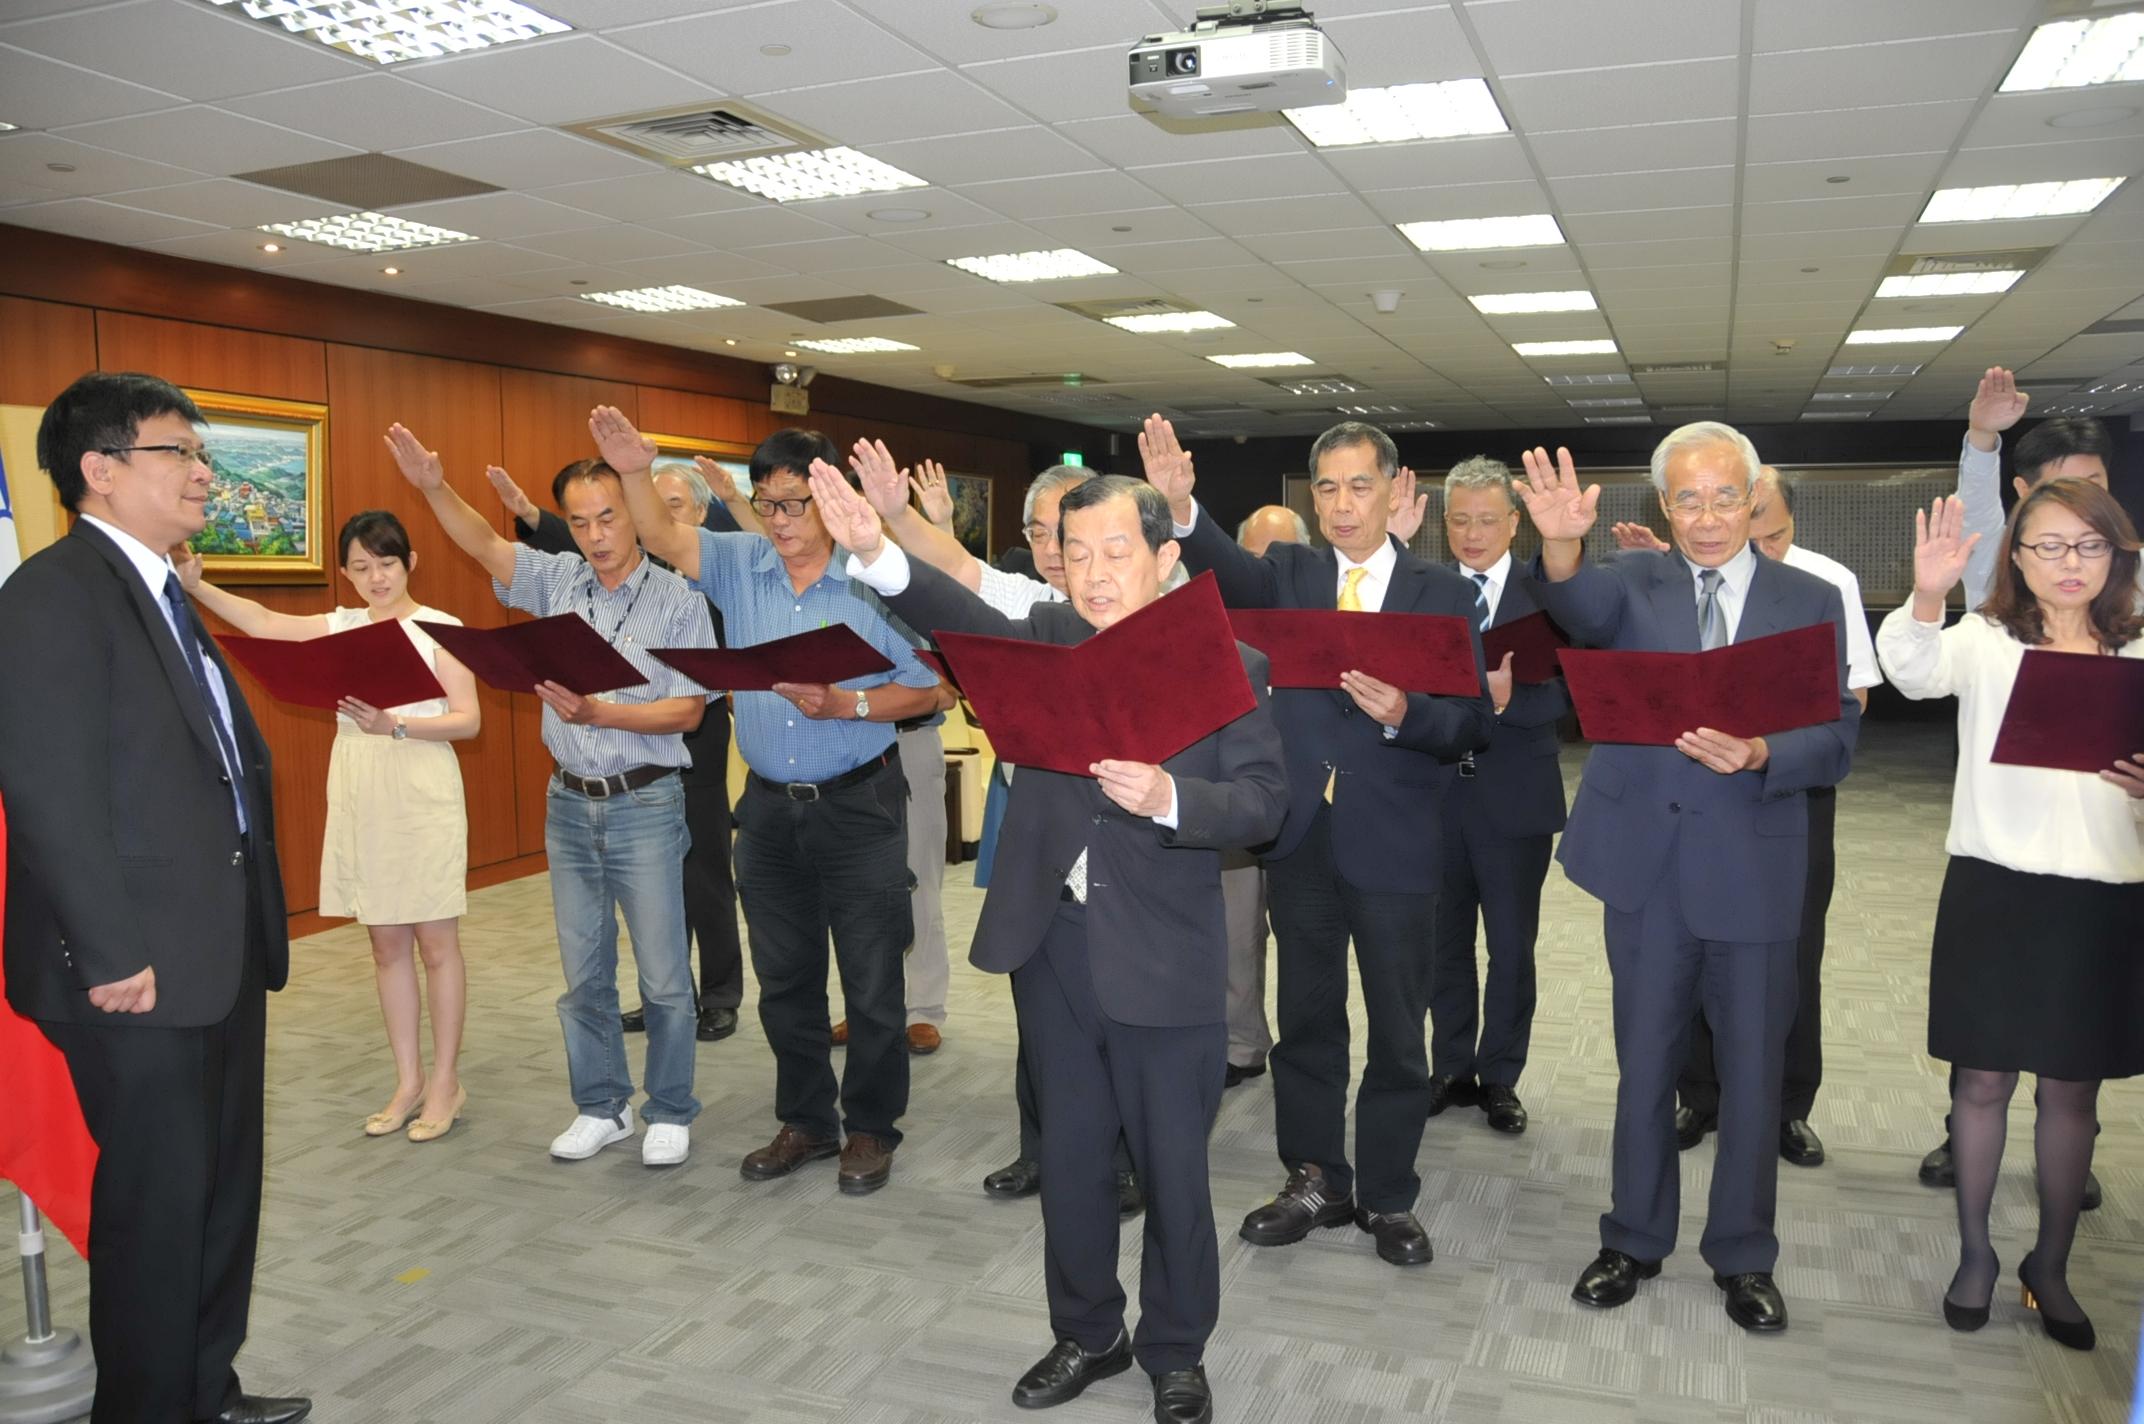 台灣中油公司第33屆董事、監察人宣誓就職